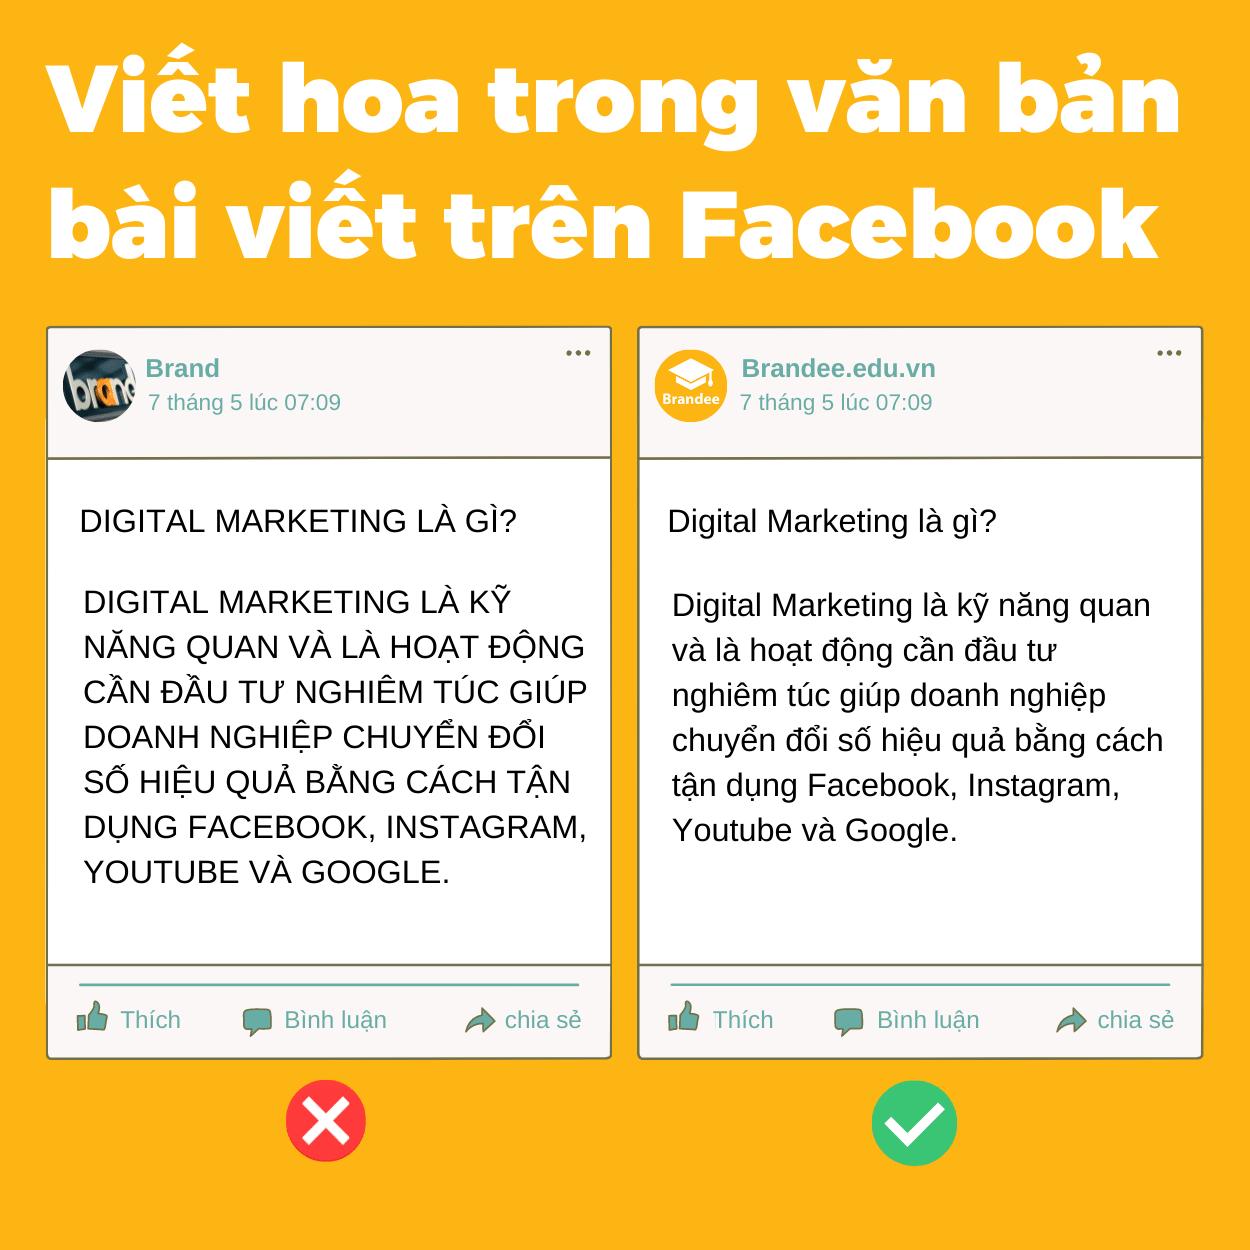 Viết hoa trong văn bản bài viết trên Facebook